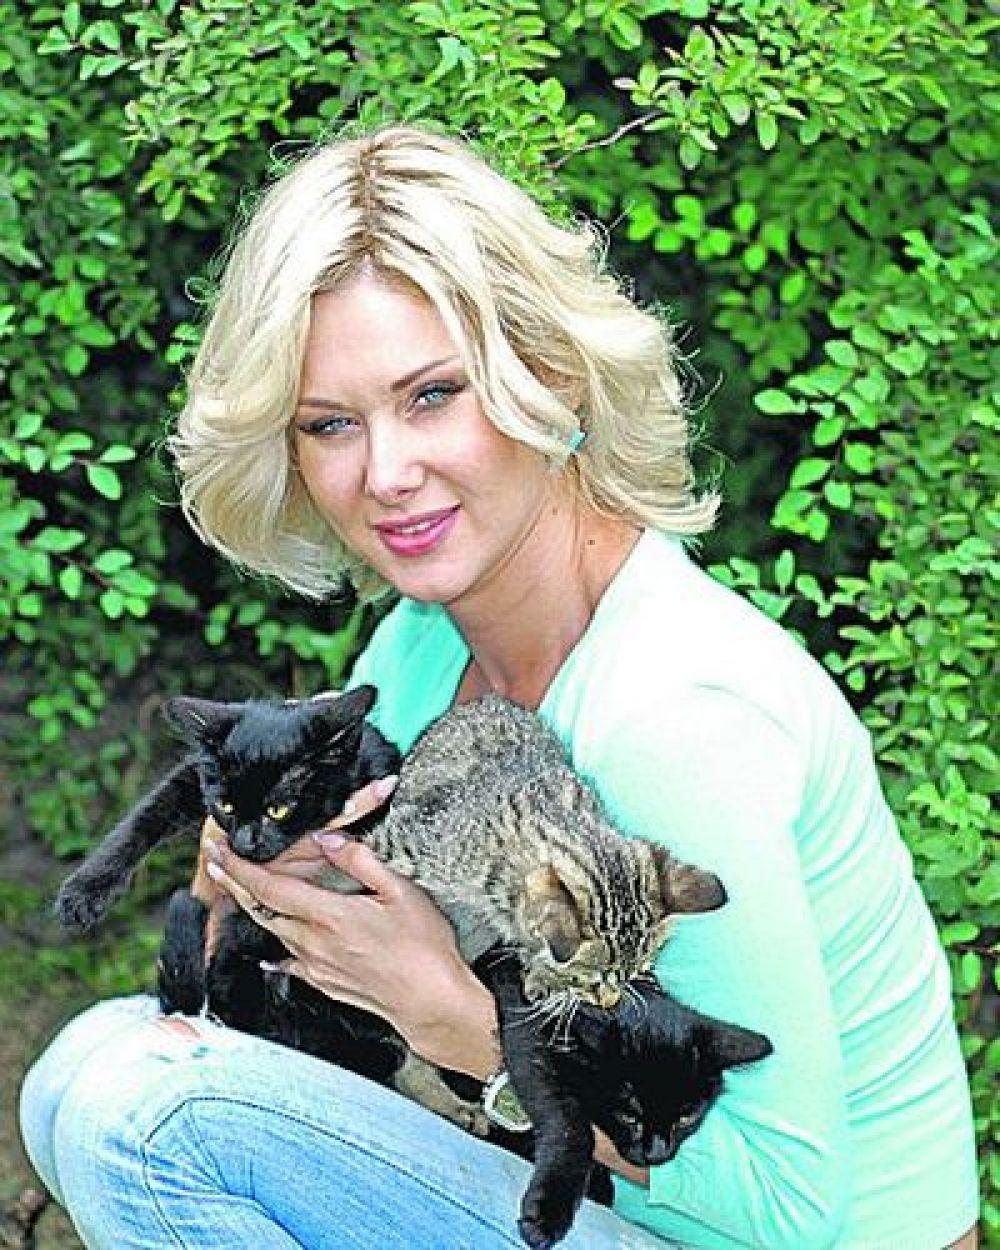 """У Кати Бужинской дома - настоящий кошачий """"зоопарк"""", кошек у нее три или четыре, и всем тепла от хозяйки достается сполна."""